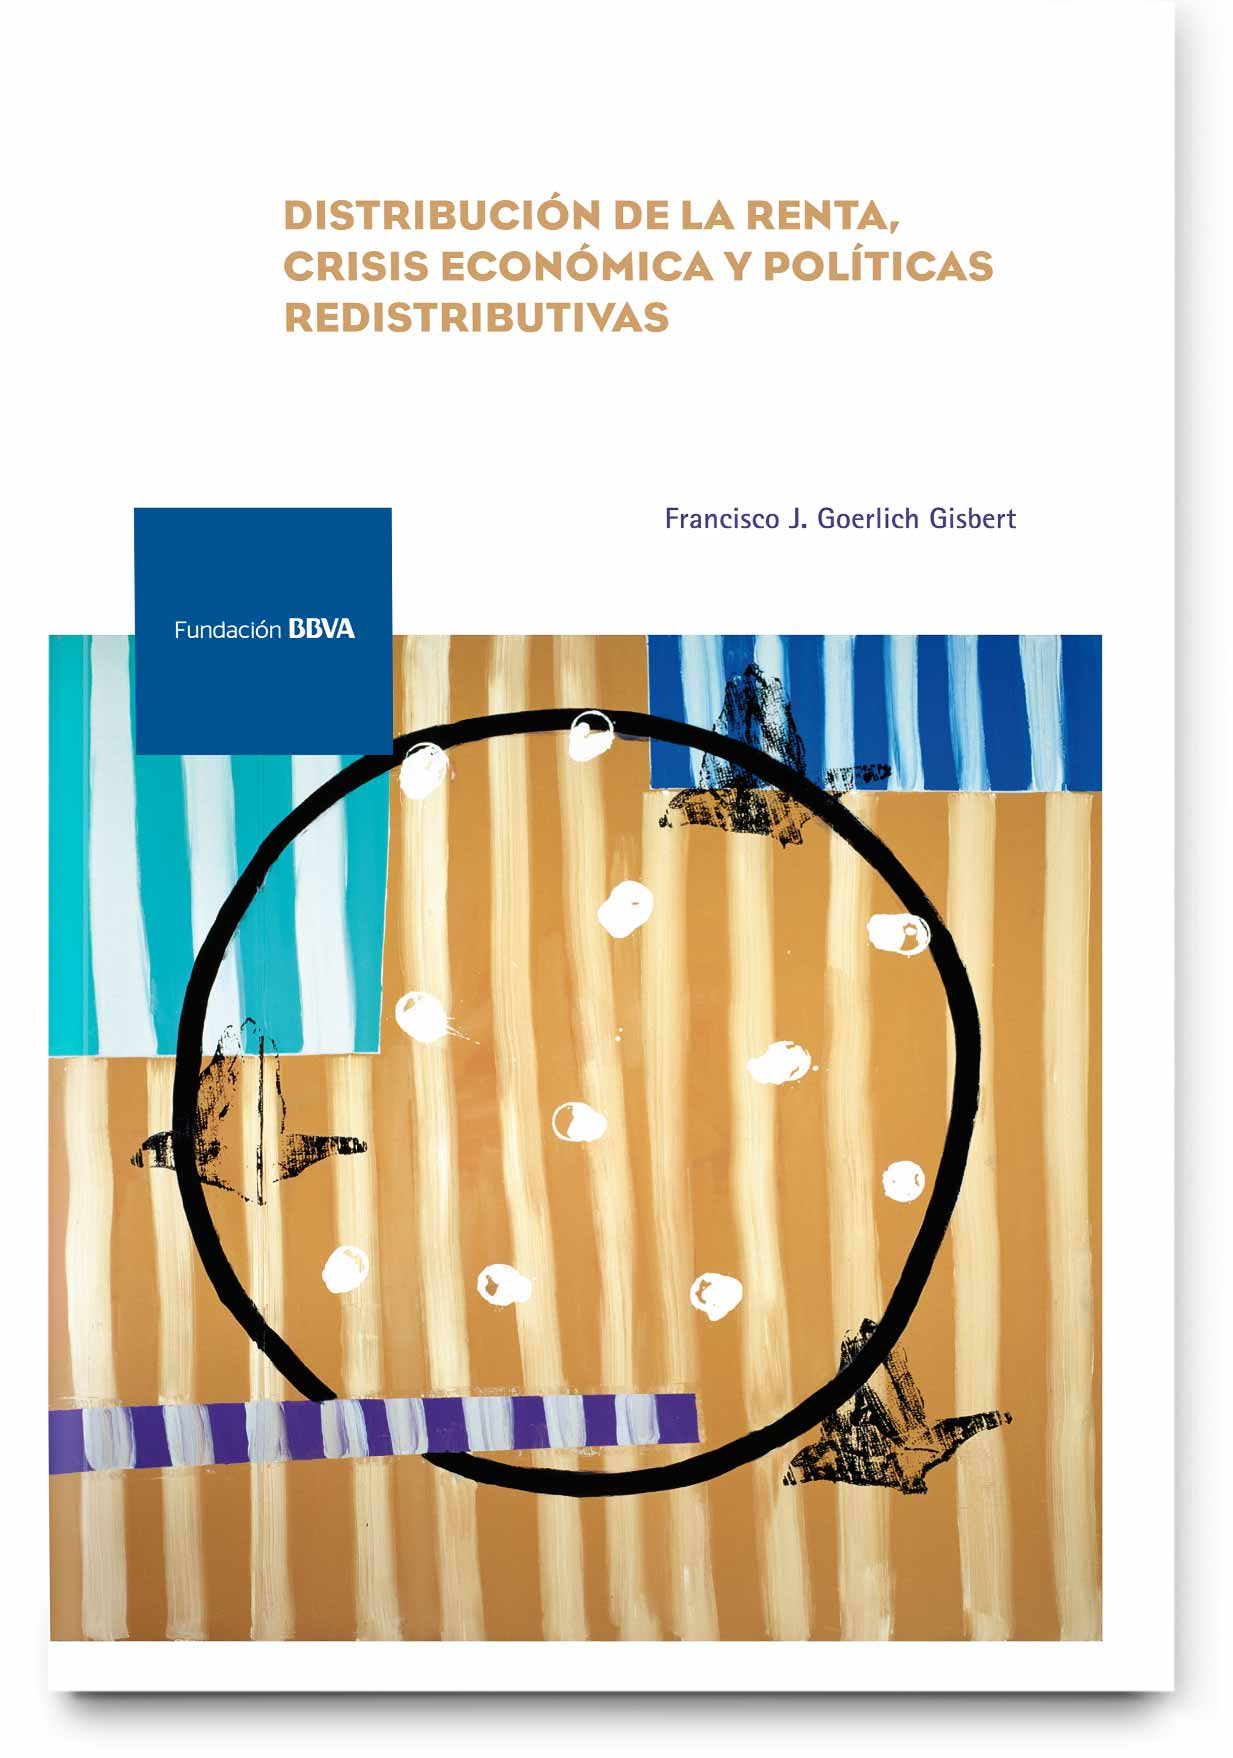 Income distribution, economic crisis and redistribution policies